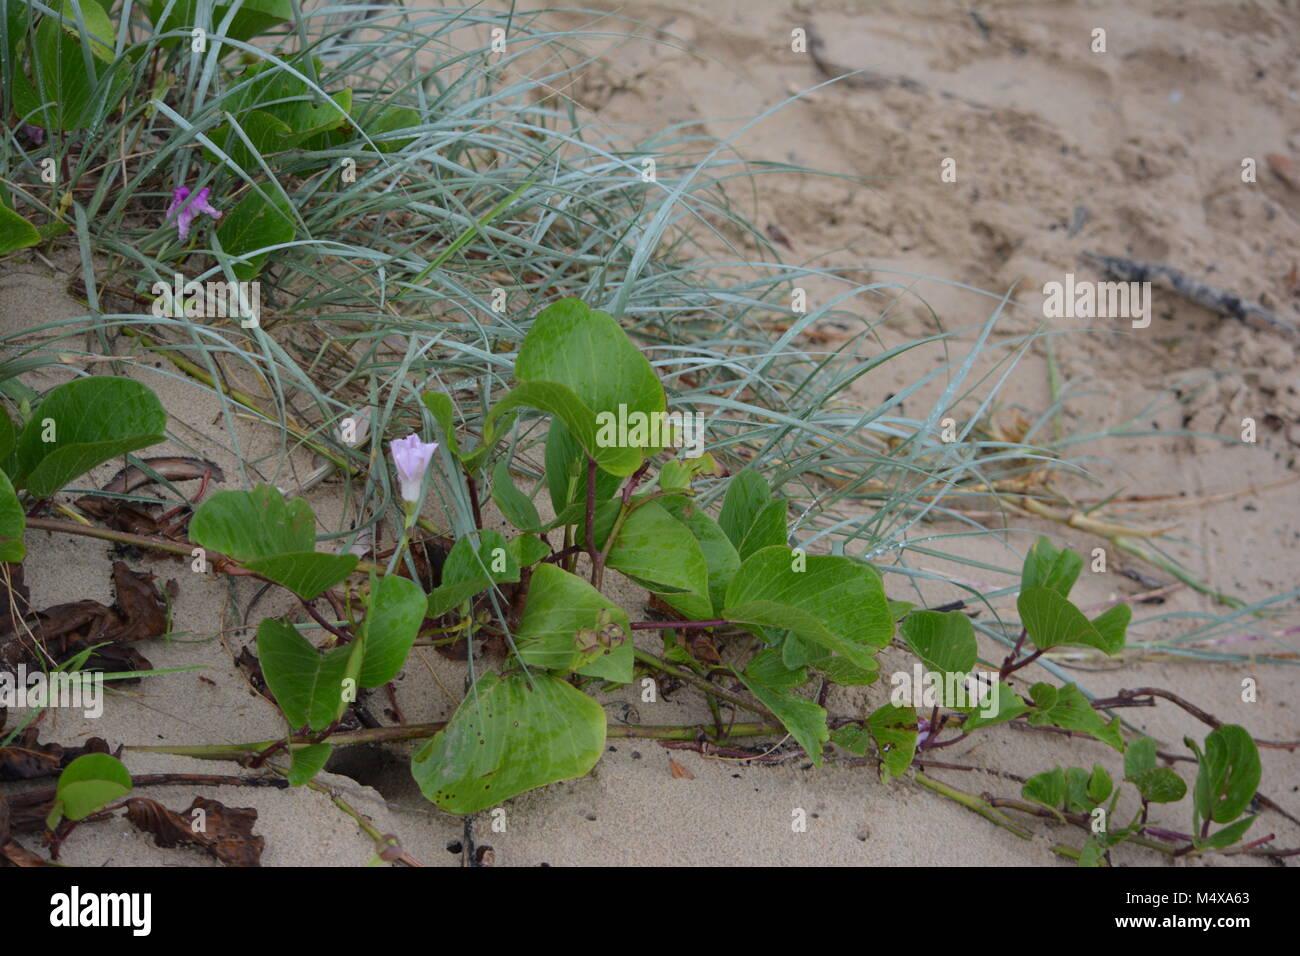 Railroad vine on the beach, Sawtell, NSW, Australia - Stock Image